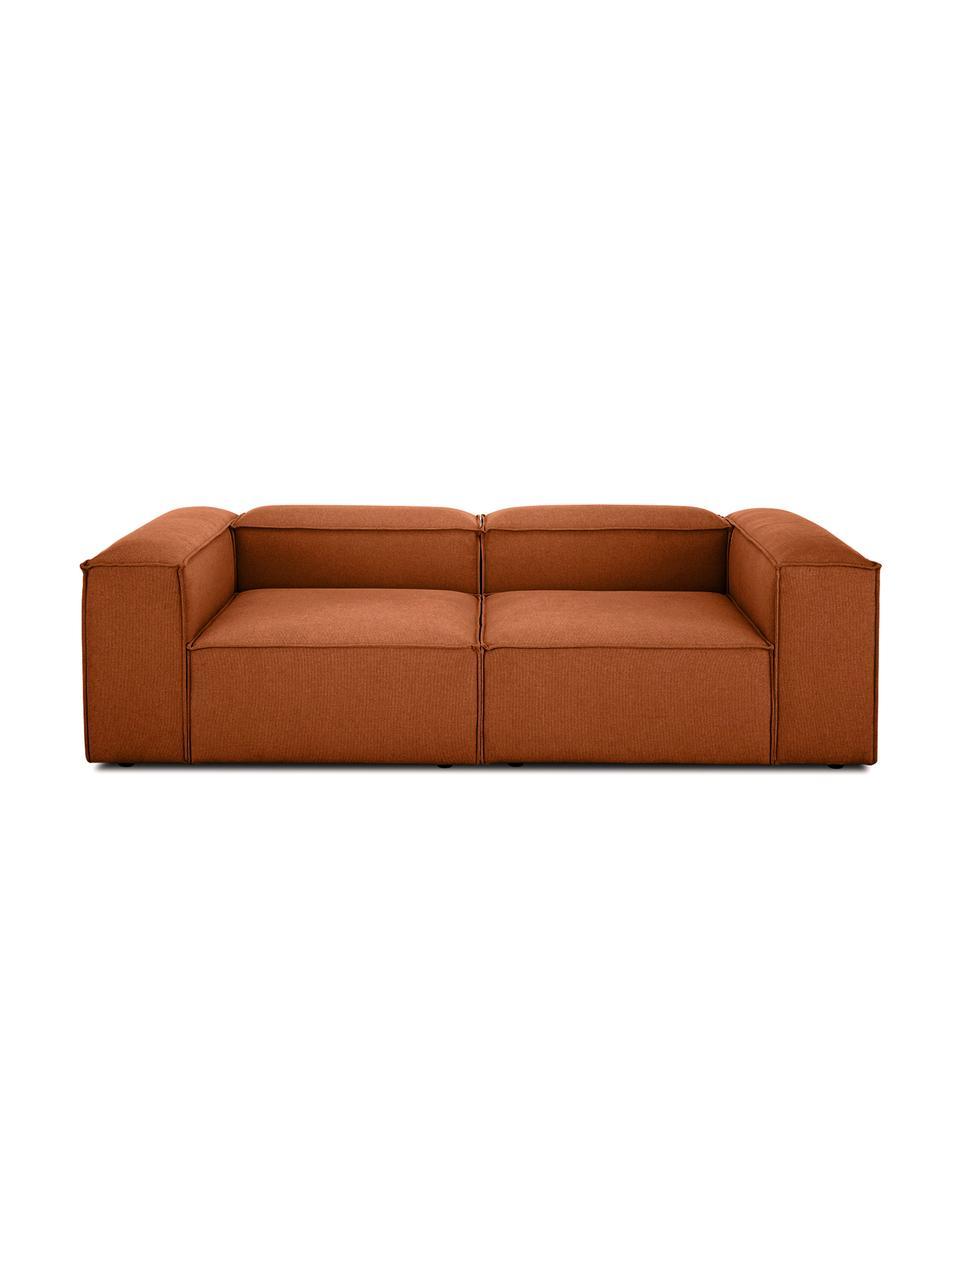 Sofa modułowa Lennon (3-osobowa), Tapicerka: poliester Dzięki tkaninie, Stelaż: lite drewno sosnowe, skle, Nogi: tworzywo sztuczne Nogi zn, Terakota, S 238 x G 119 cm